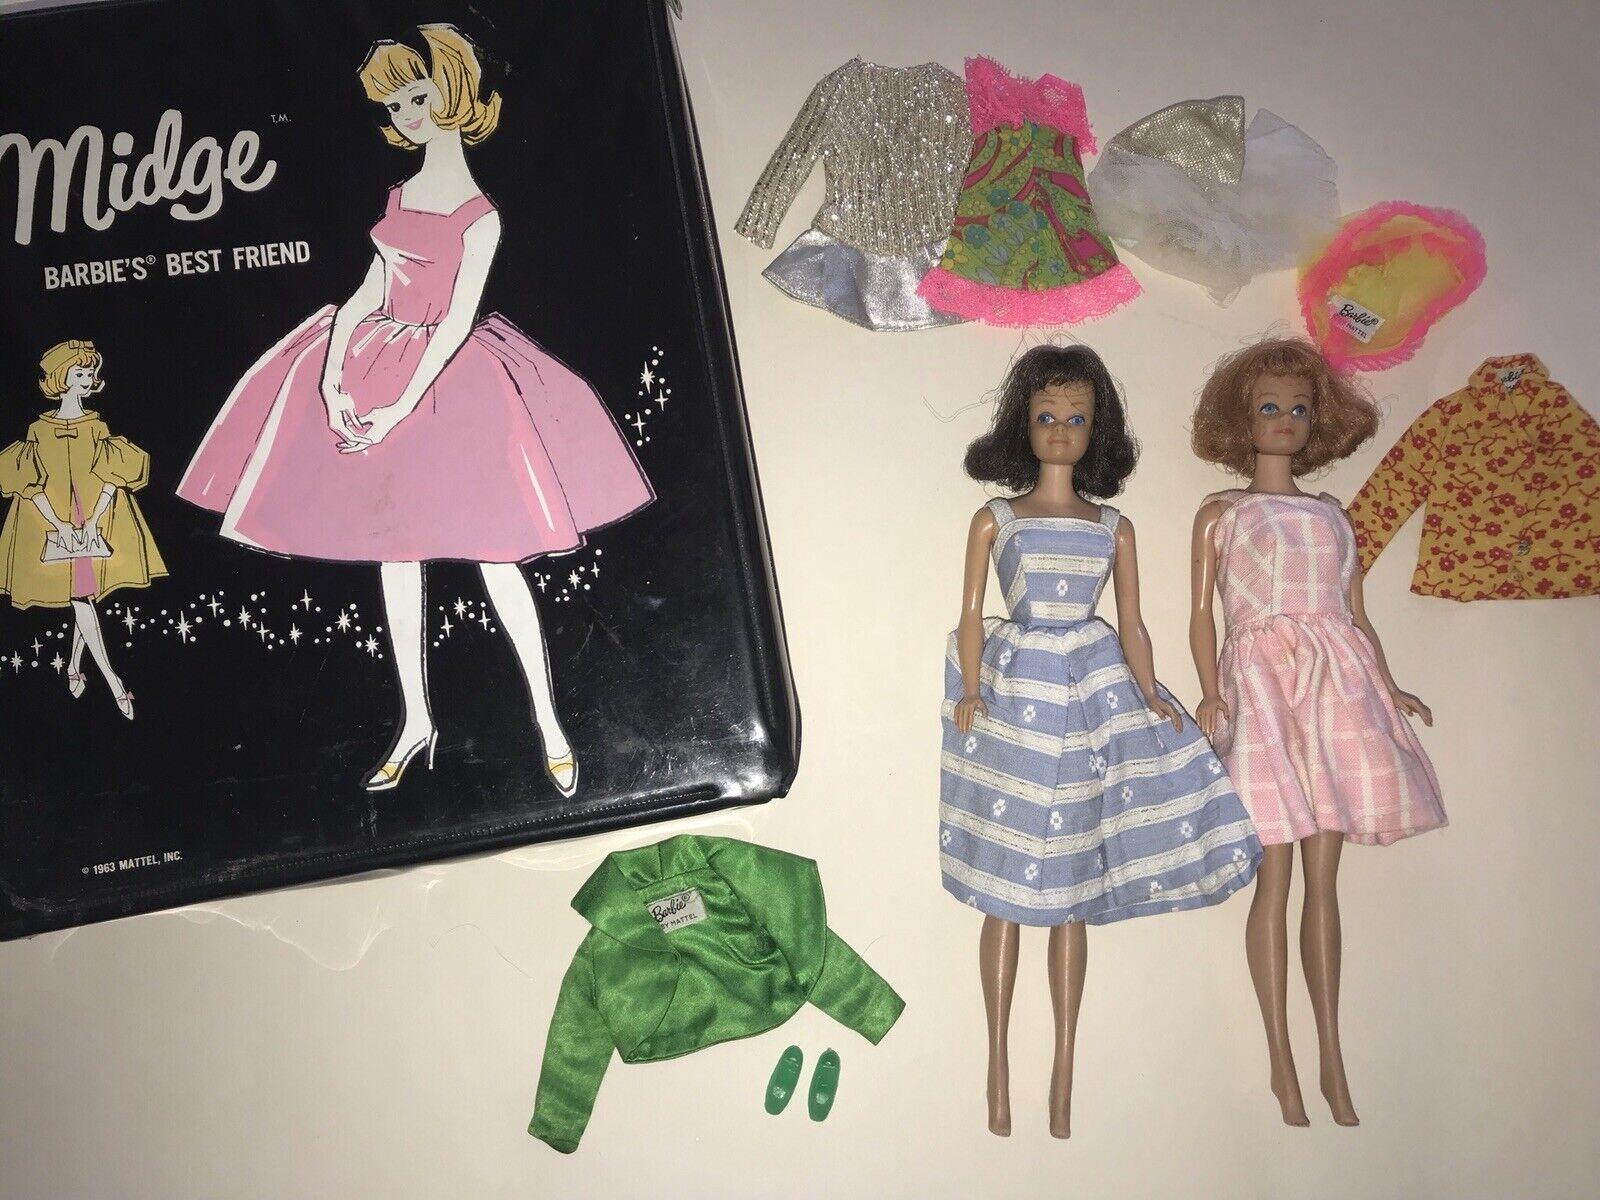 Vintage 1963 Mattel Midge Barbie's Bester Freund Puppen & Bekleidung Schwarzer